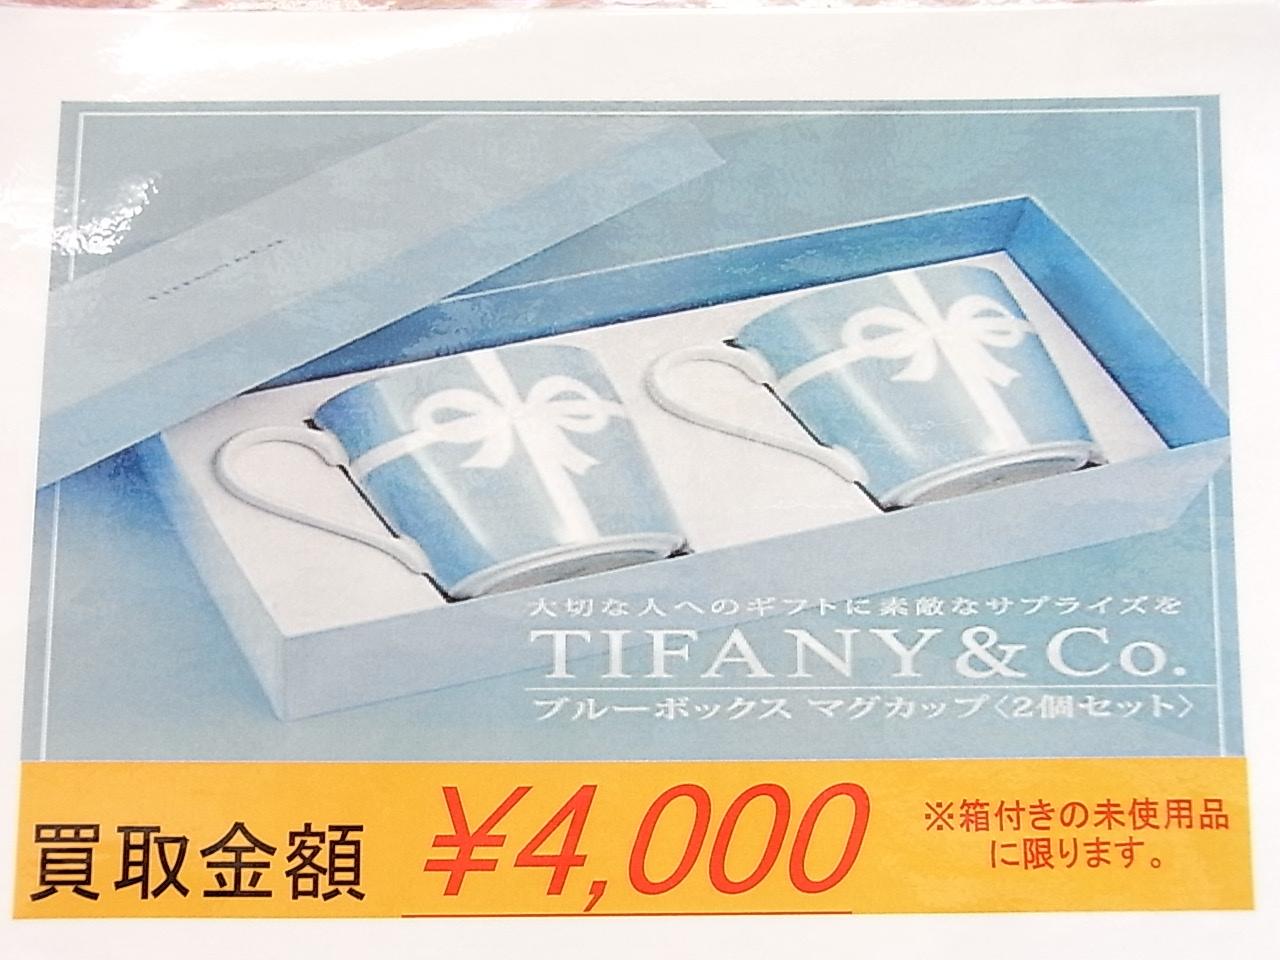 液晶テレビ&TIFFANY&Co.食器 買取情報 エコパーク江南店